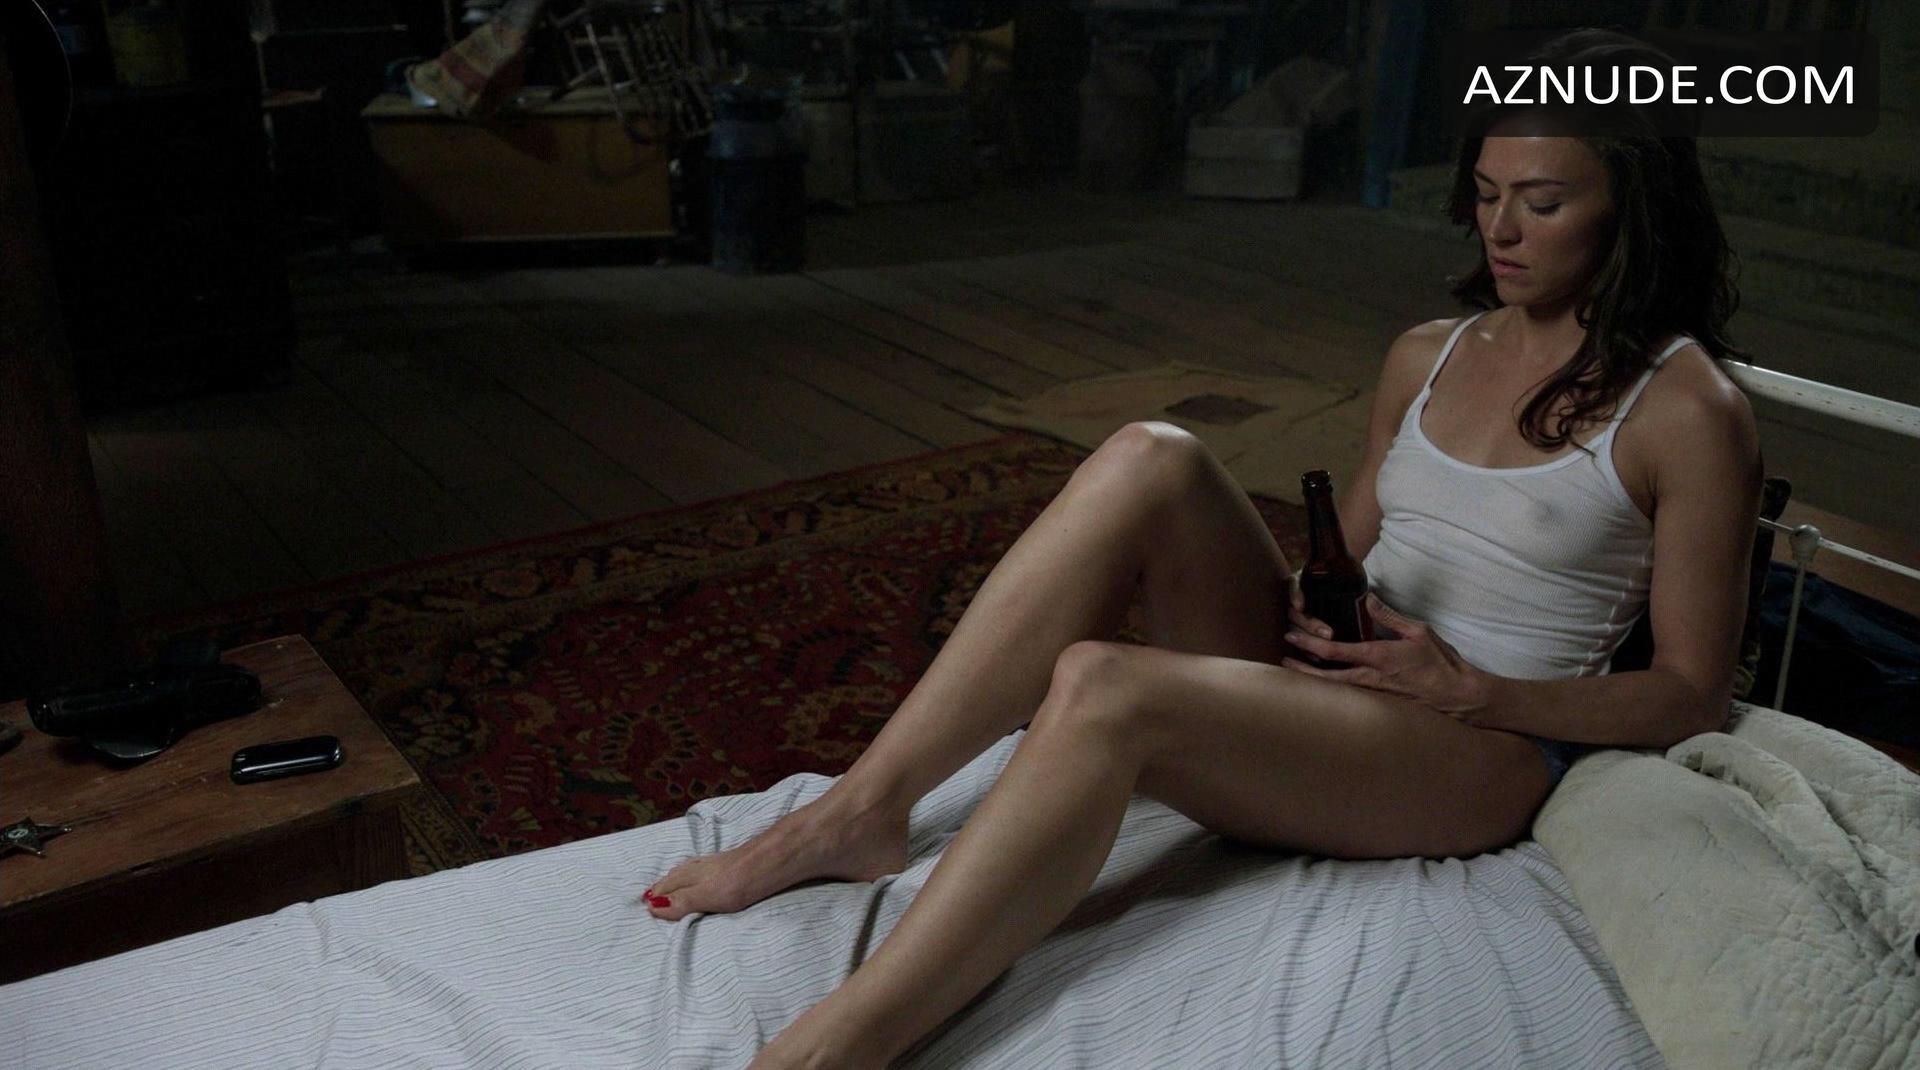 Trieste kelly dunn naked